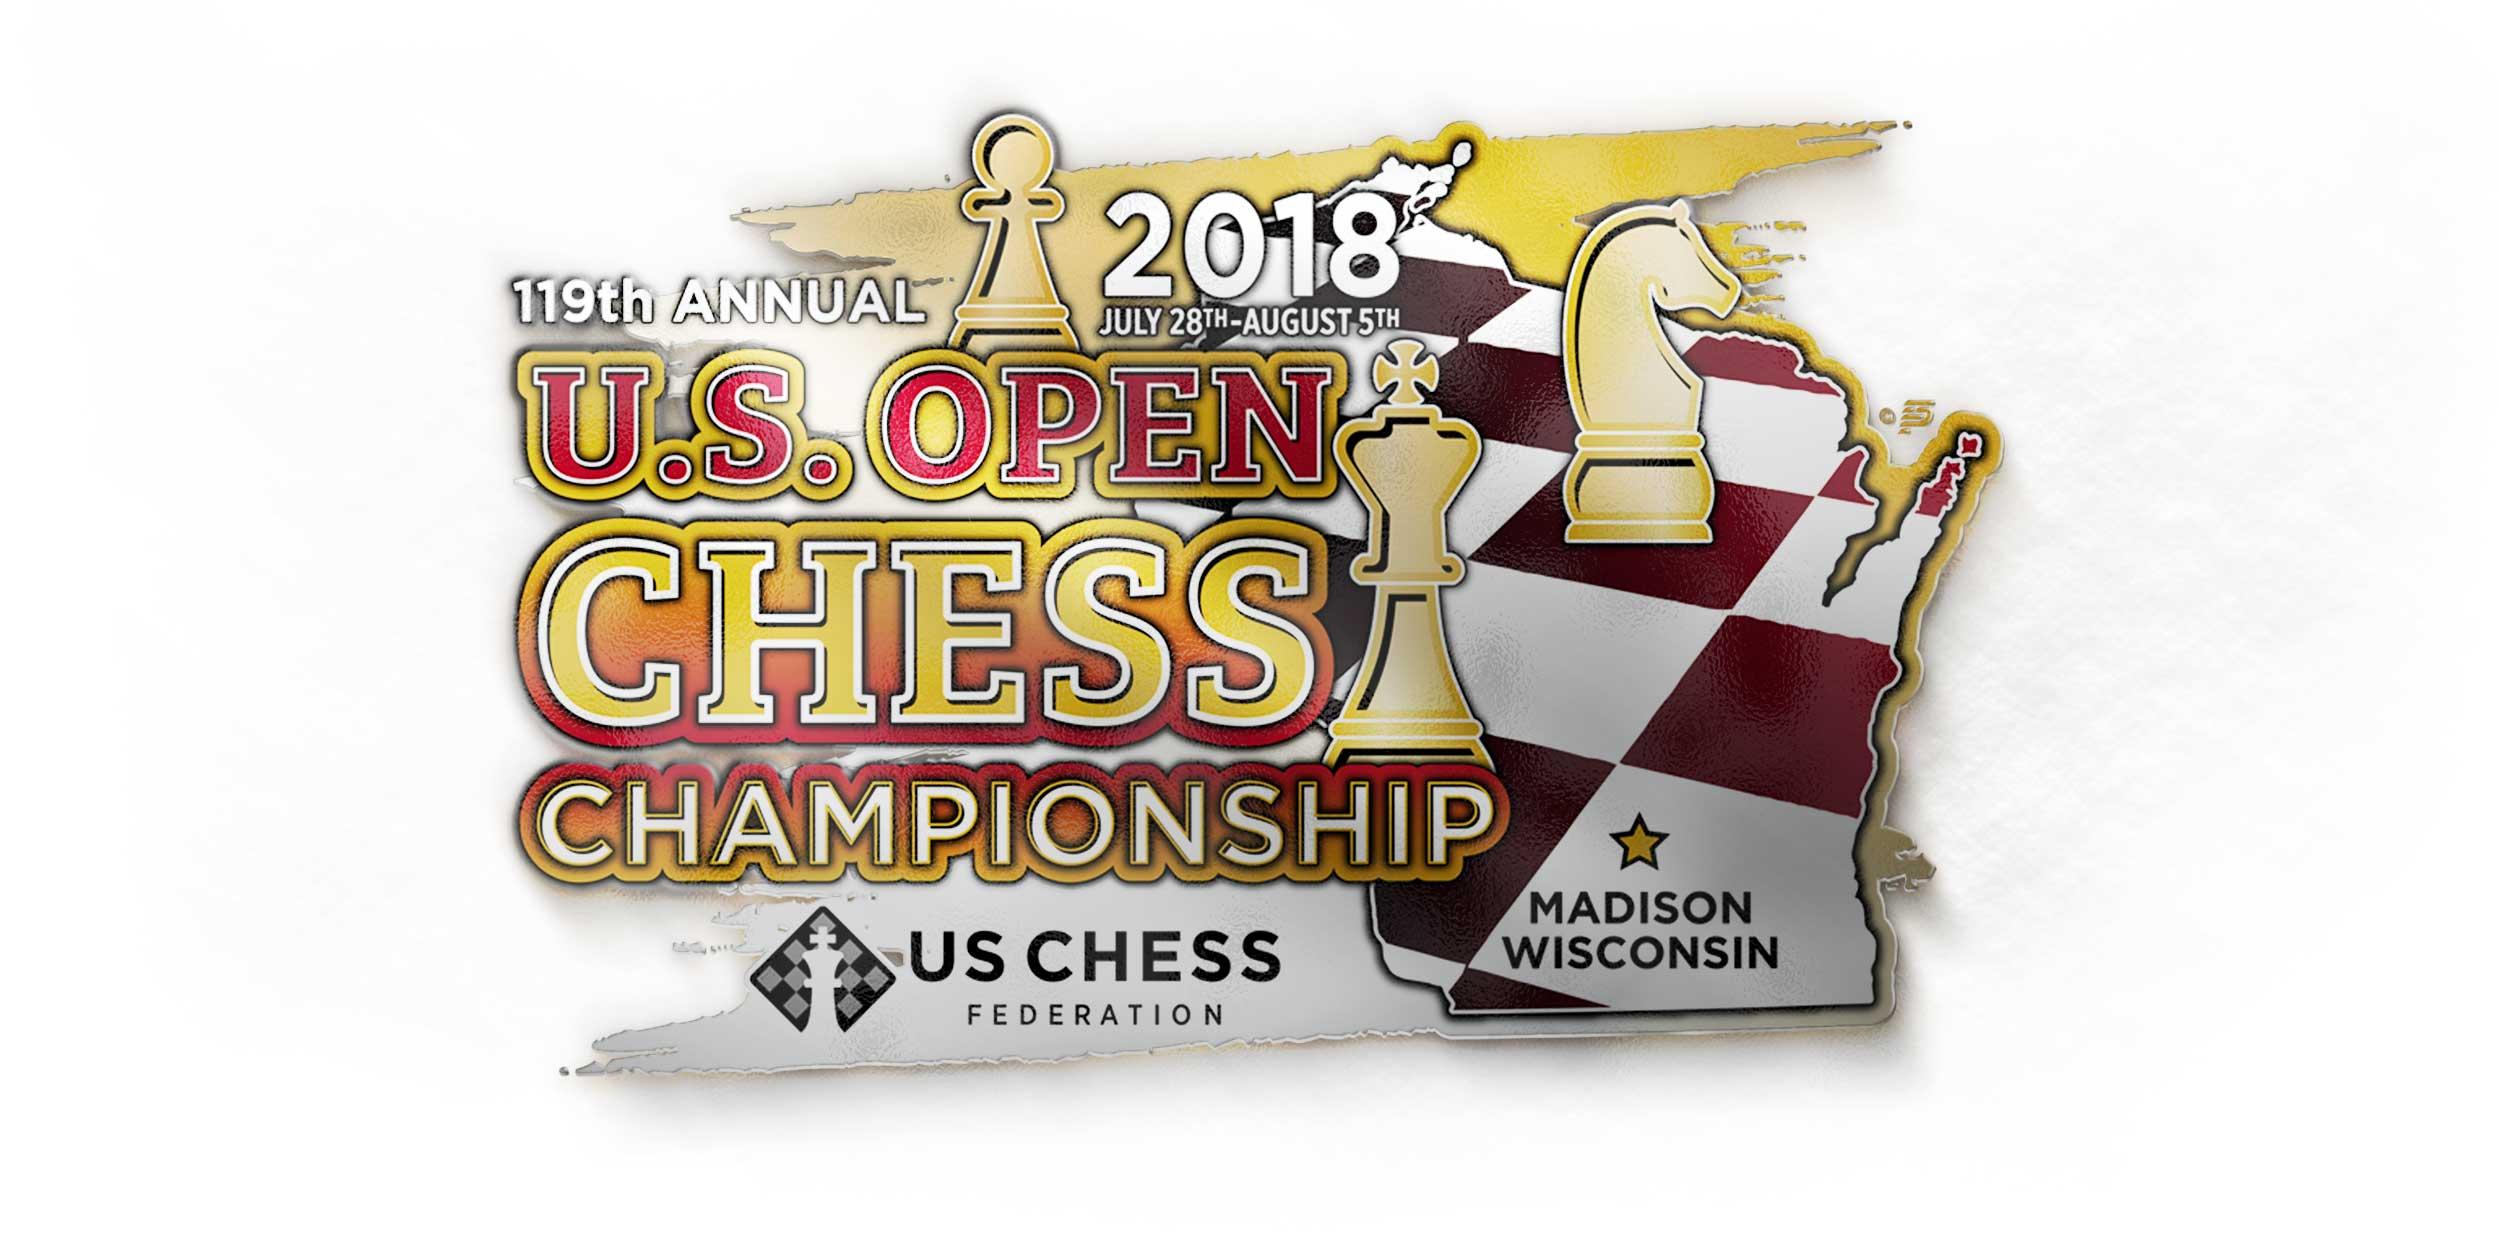 US-Open-Chess-Championship-Fine-Designs-Apparel